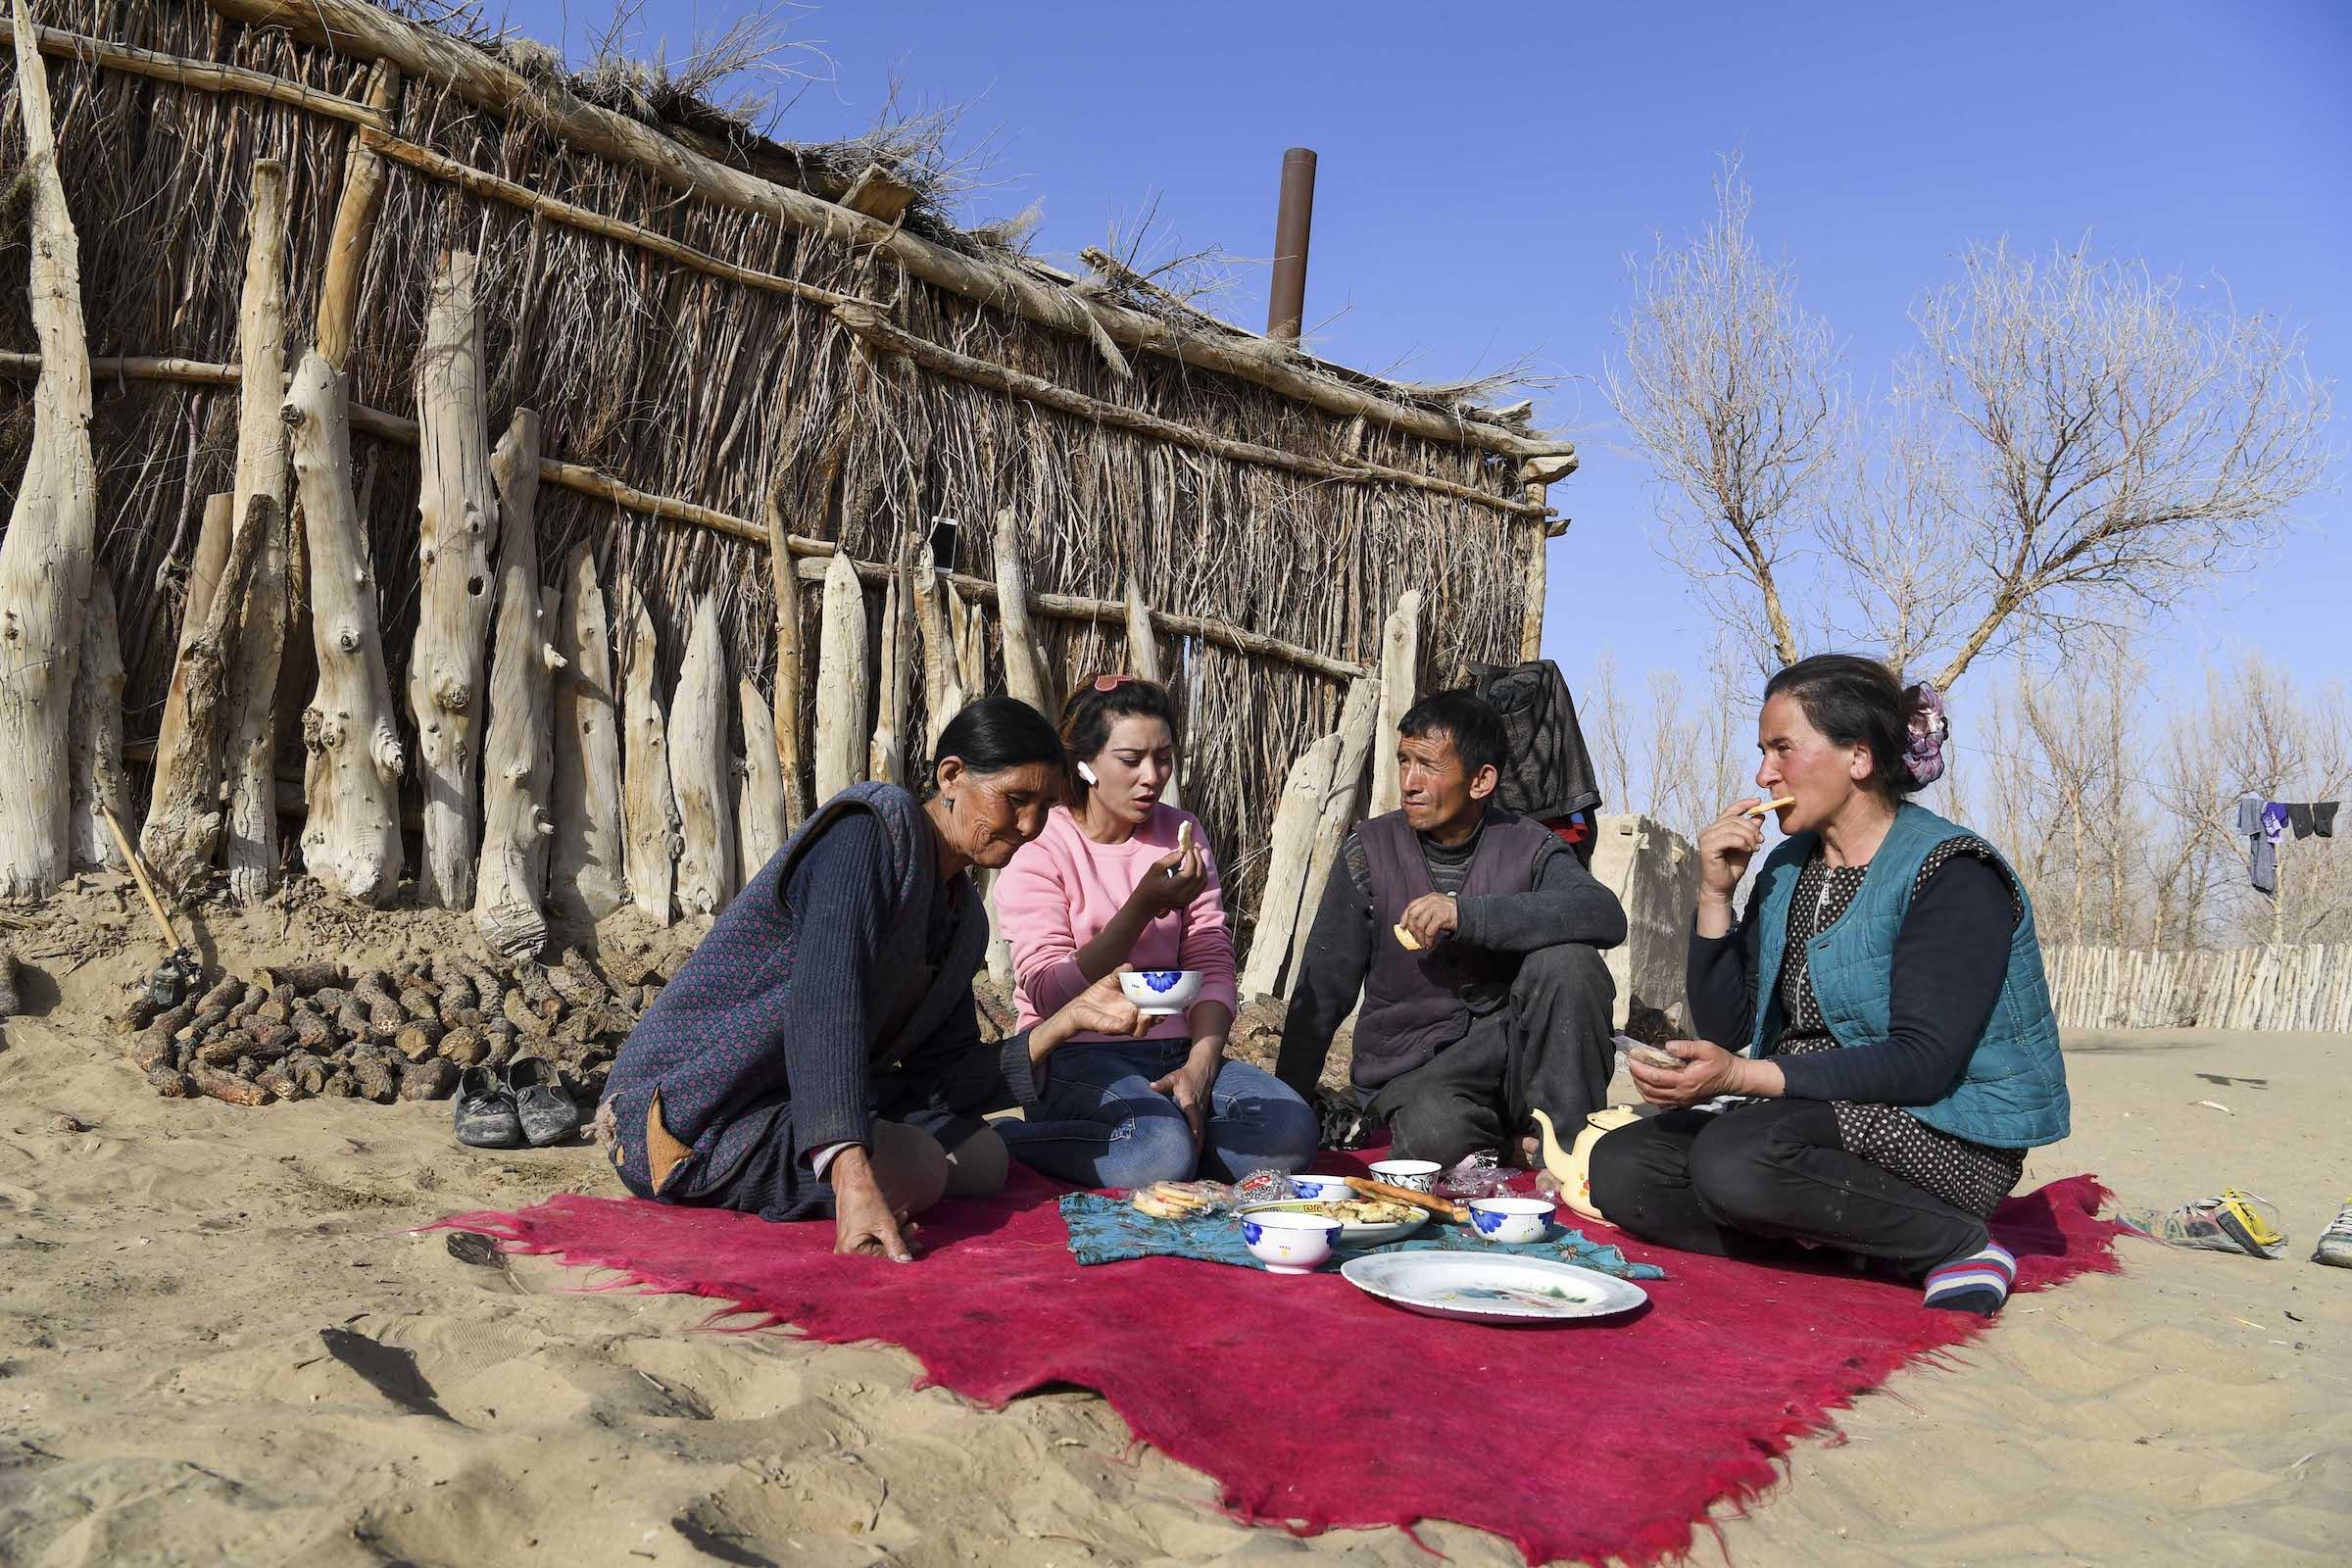 Cô lập với thế giới bên ngoài, nếp sống của người làng hàng trăm năm không thay đổi. Đến năm 2019, dân số trong làng là 1.342 người.